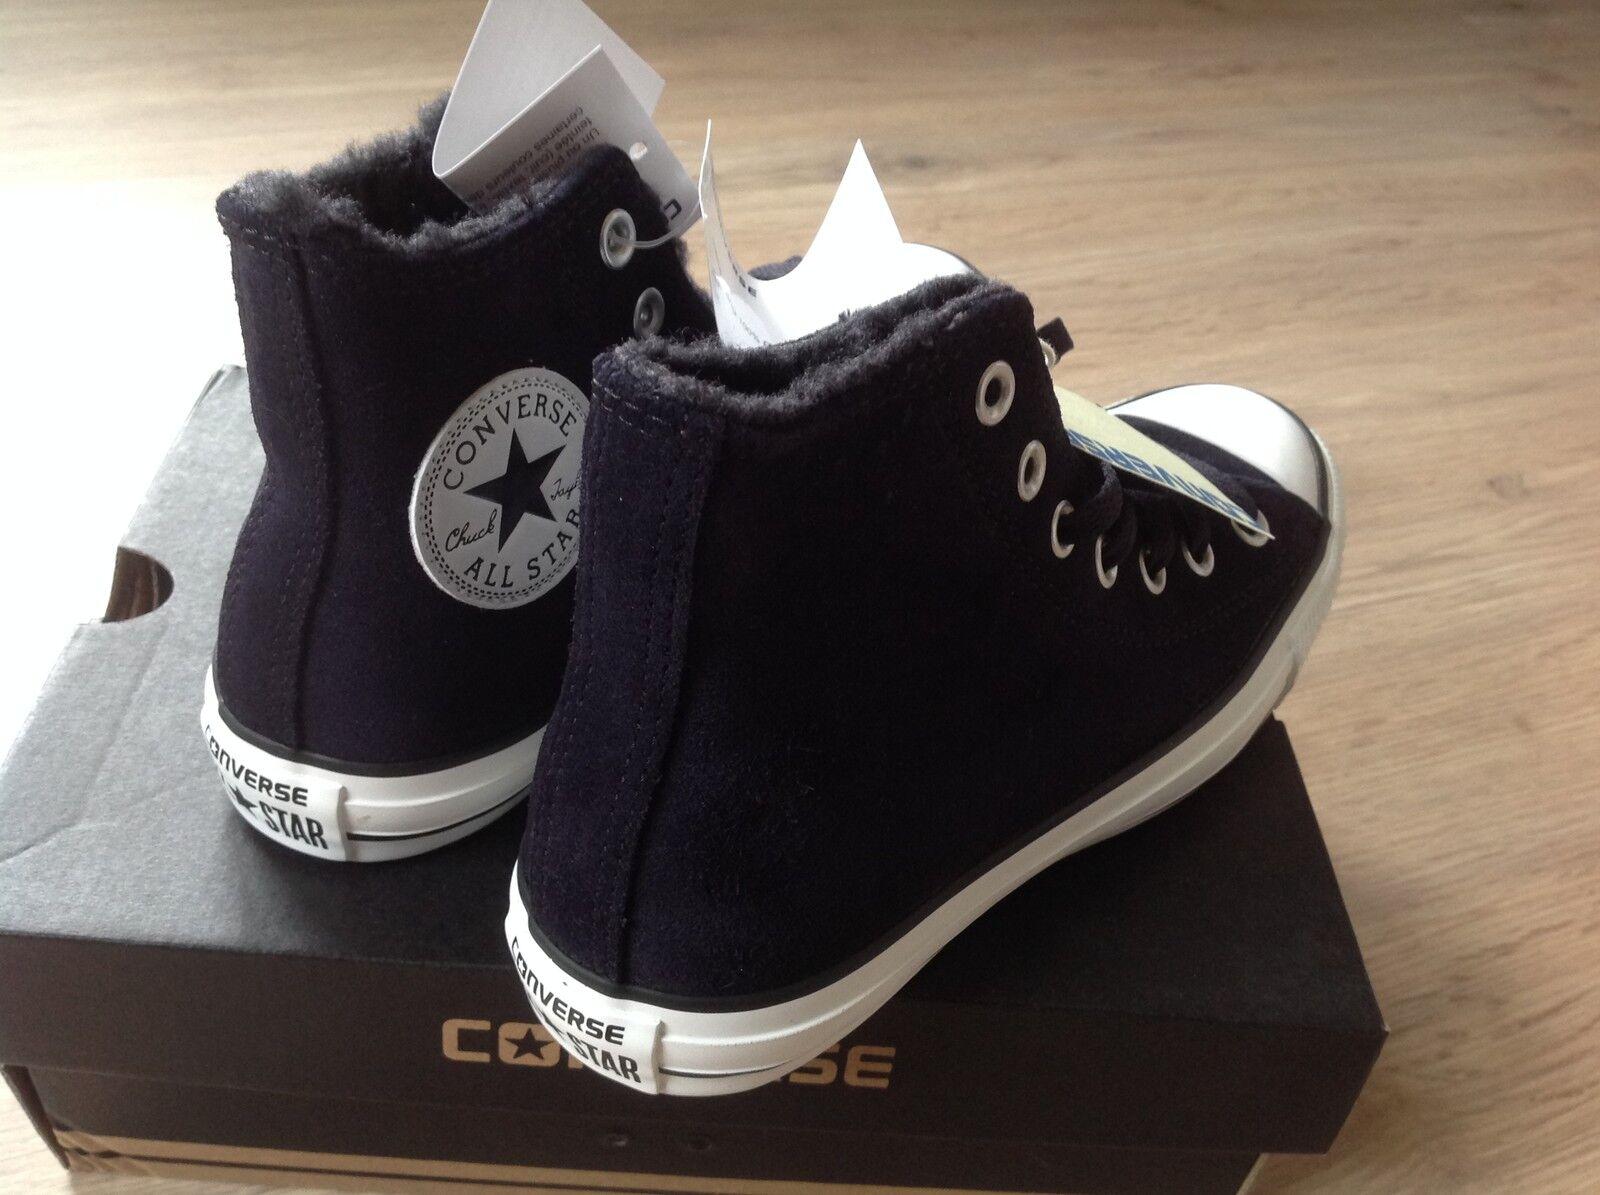 Converse ALL STAR schwarz gefüttert  neu und ungetragen - grösse 37,5 (UK 5)